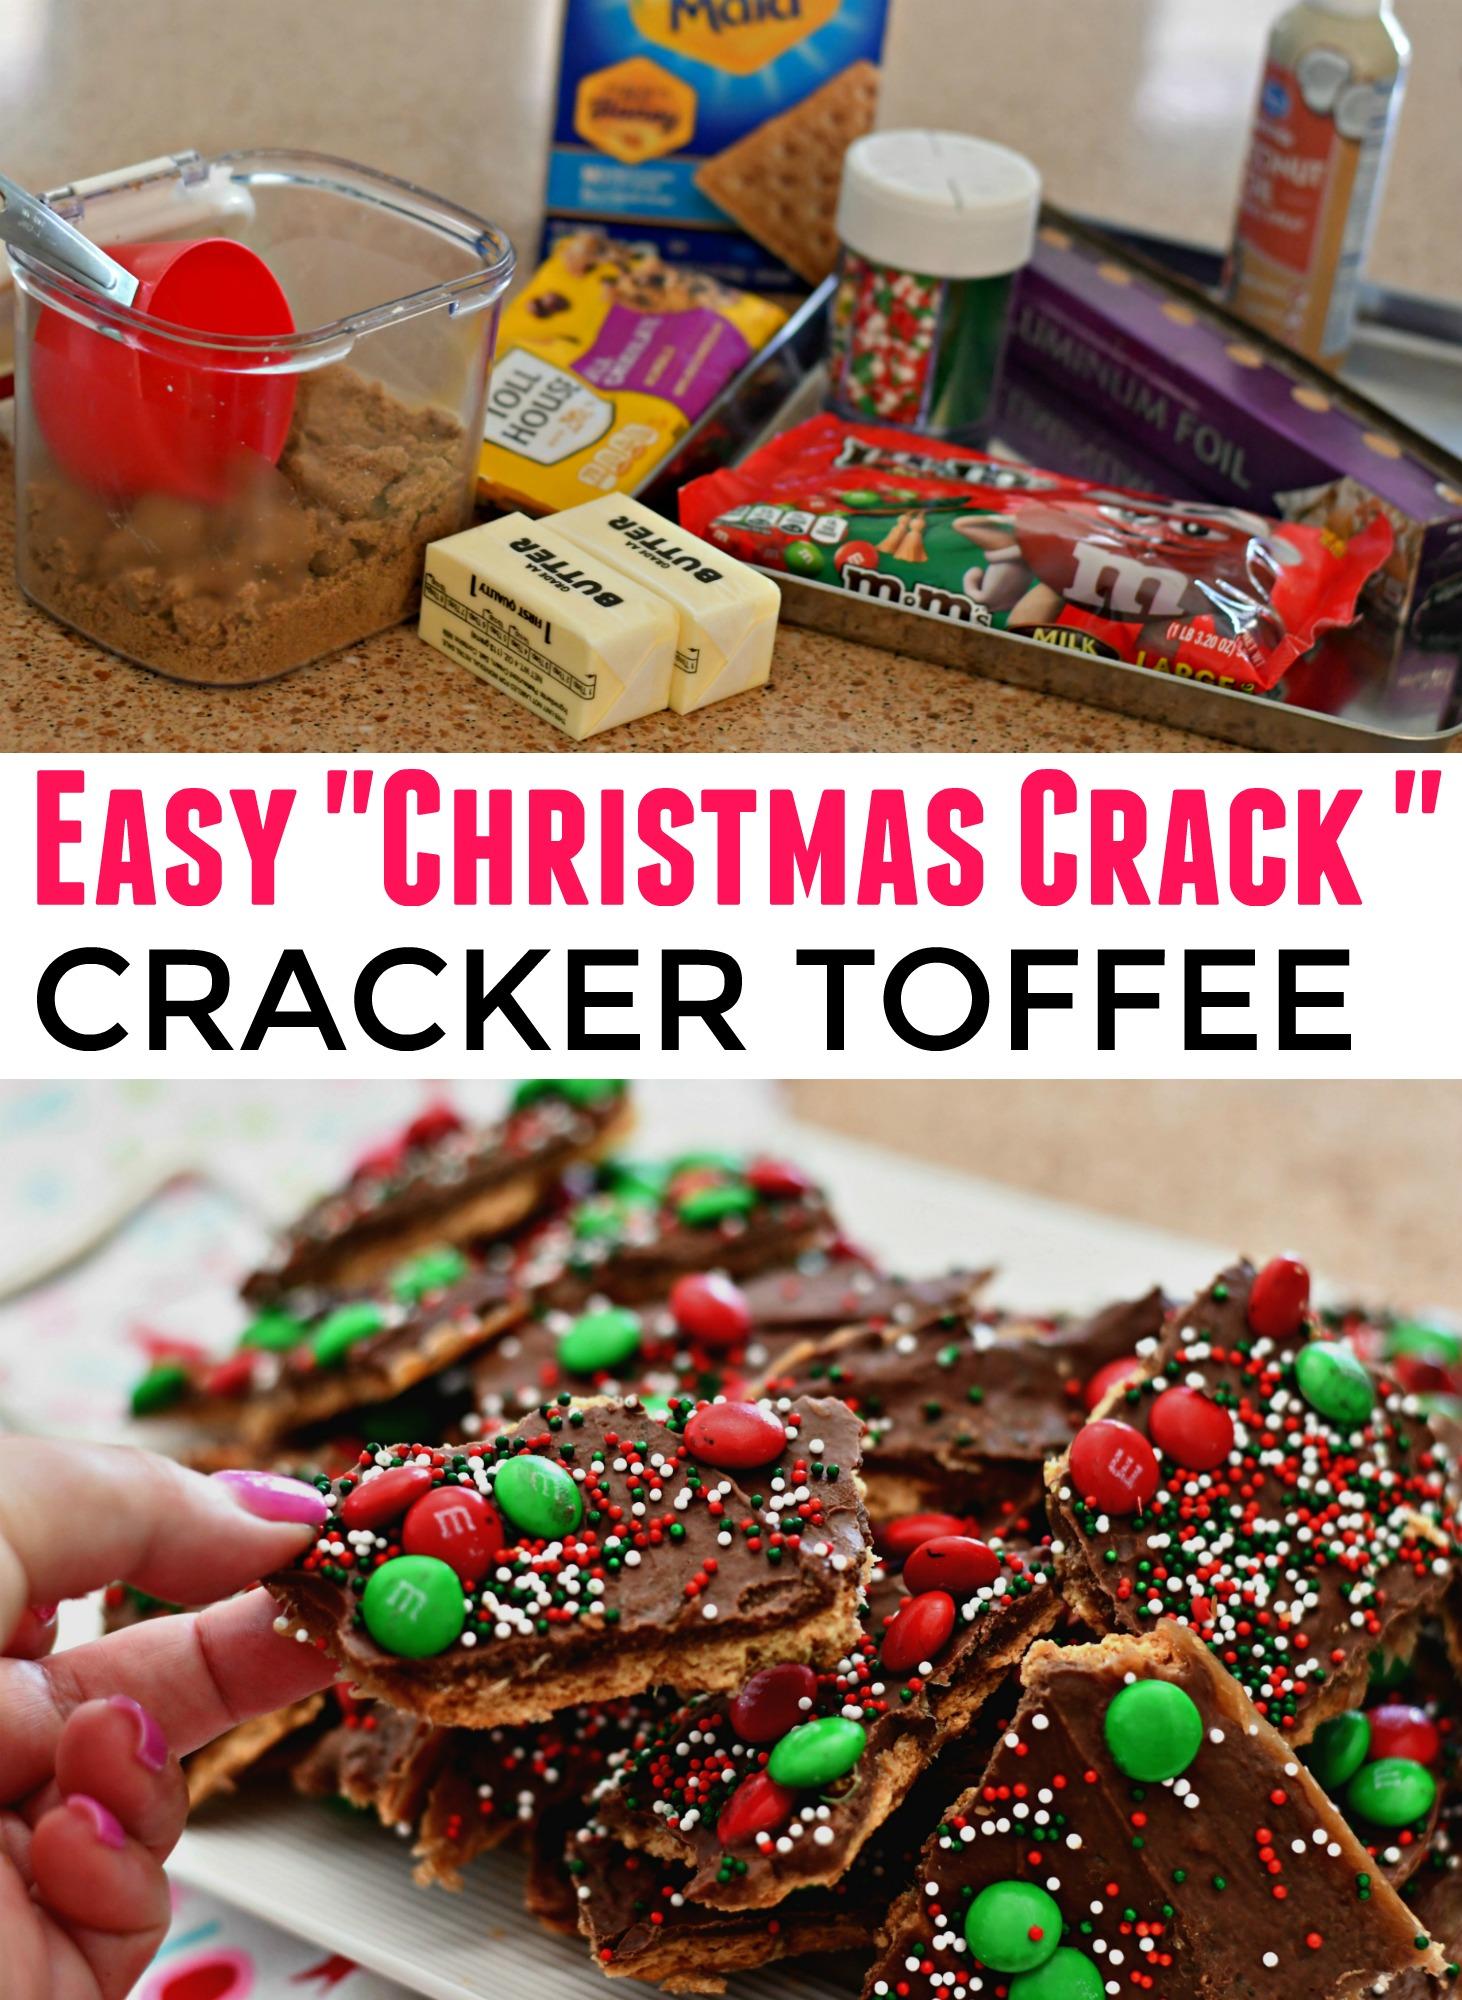 Christmas Crack Recipe.Homemade Christmas Crack Toffee